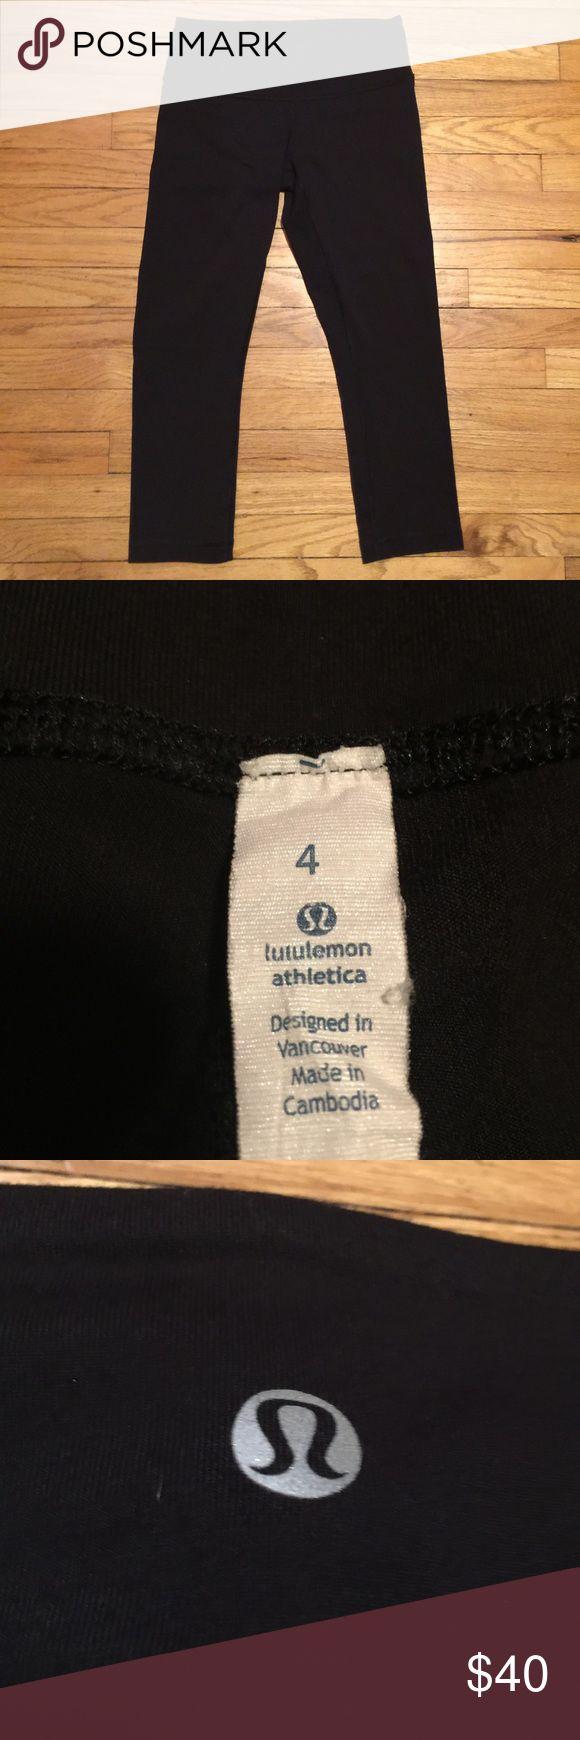 Lululemon black workout capri pants - sz 4 Lululemon black workout capri pants - sz 4. Waist - 12.5 inches. Rise - 8 inches. Inseam - 20.5 inches. Excellent condition. lululemon athletica Pants Capris